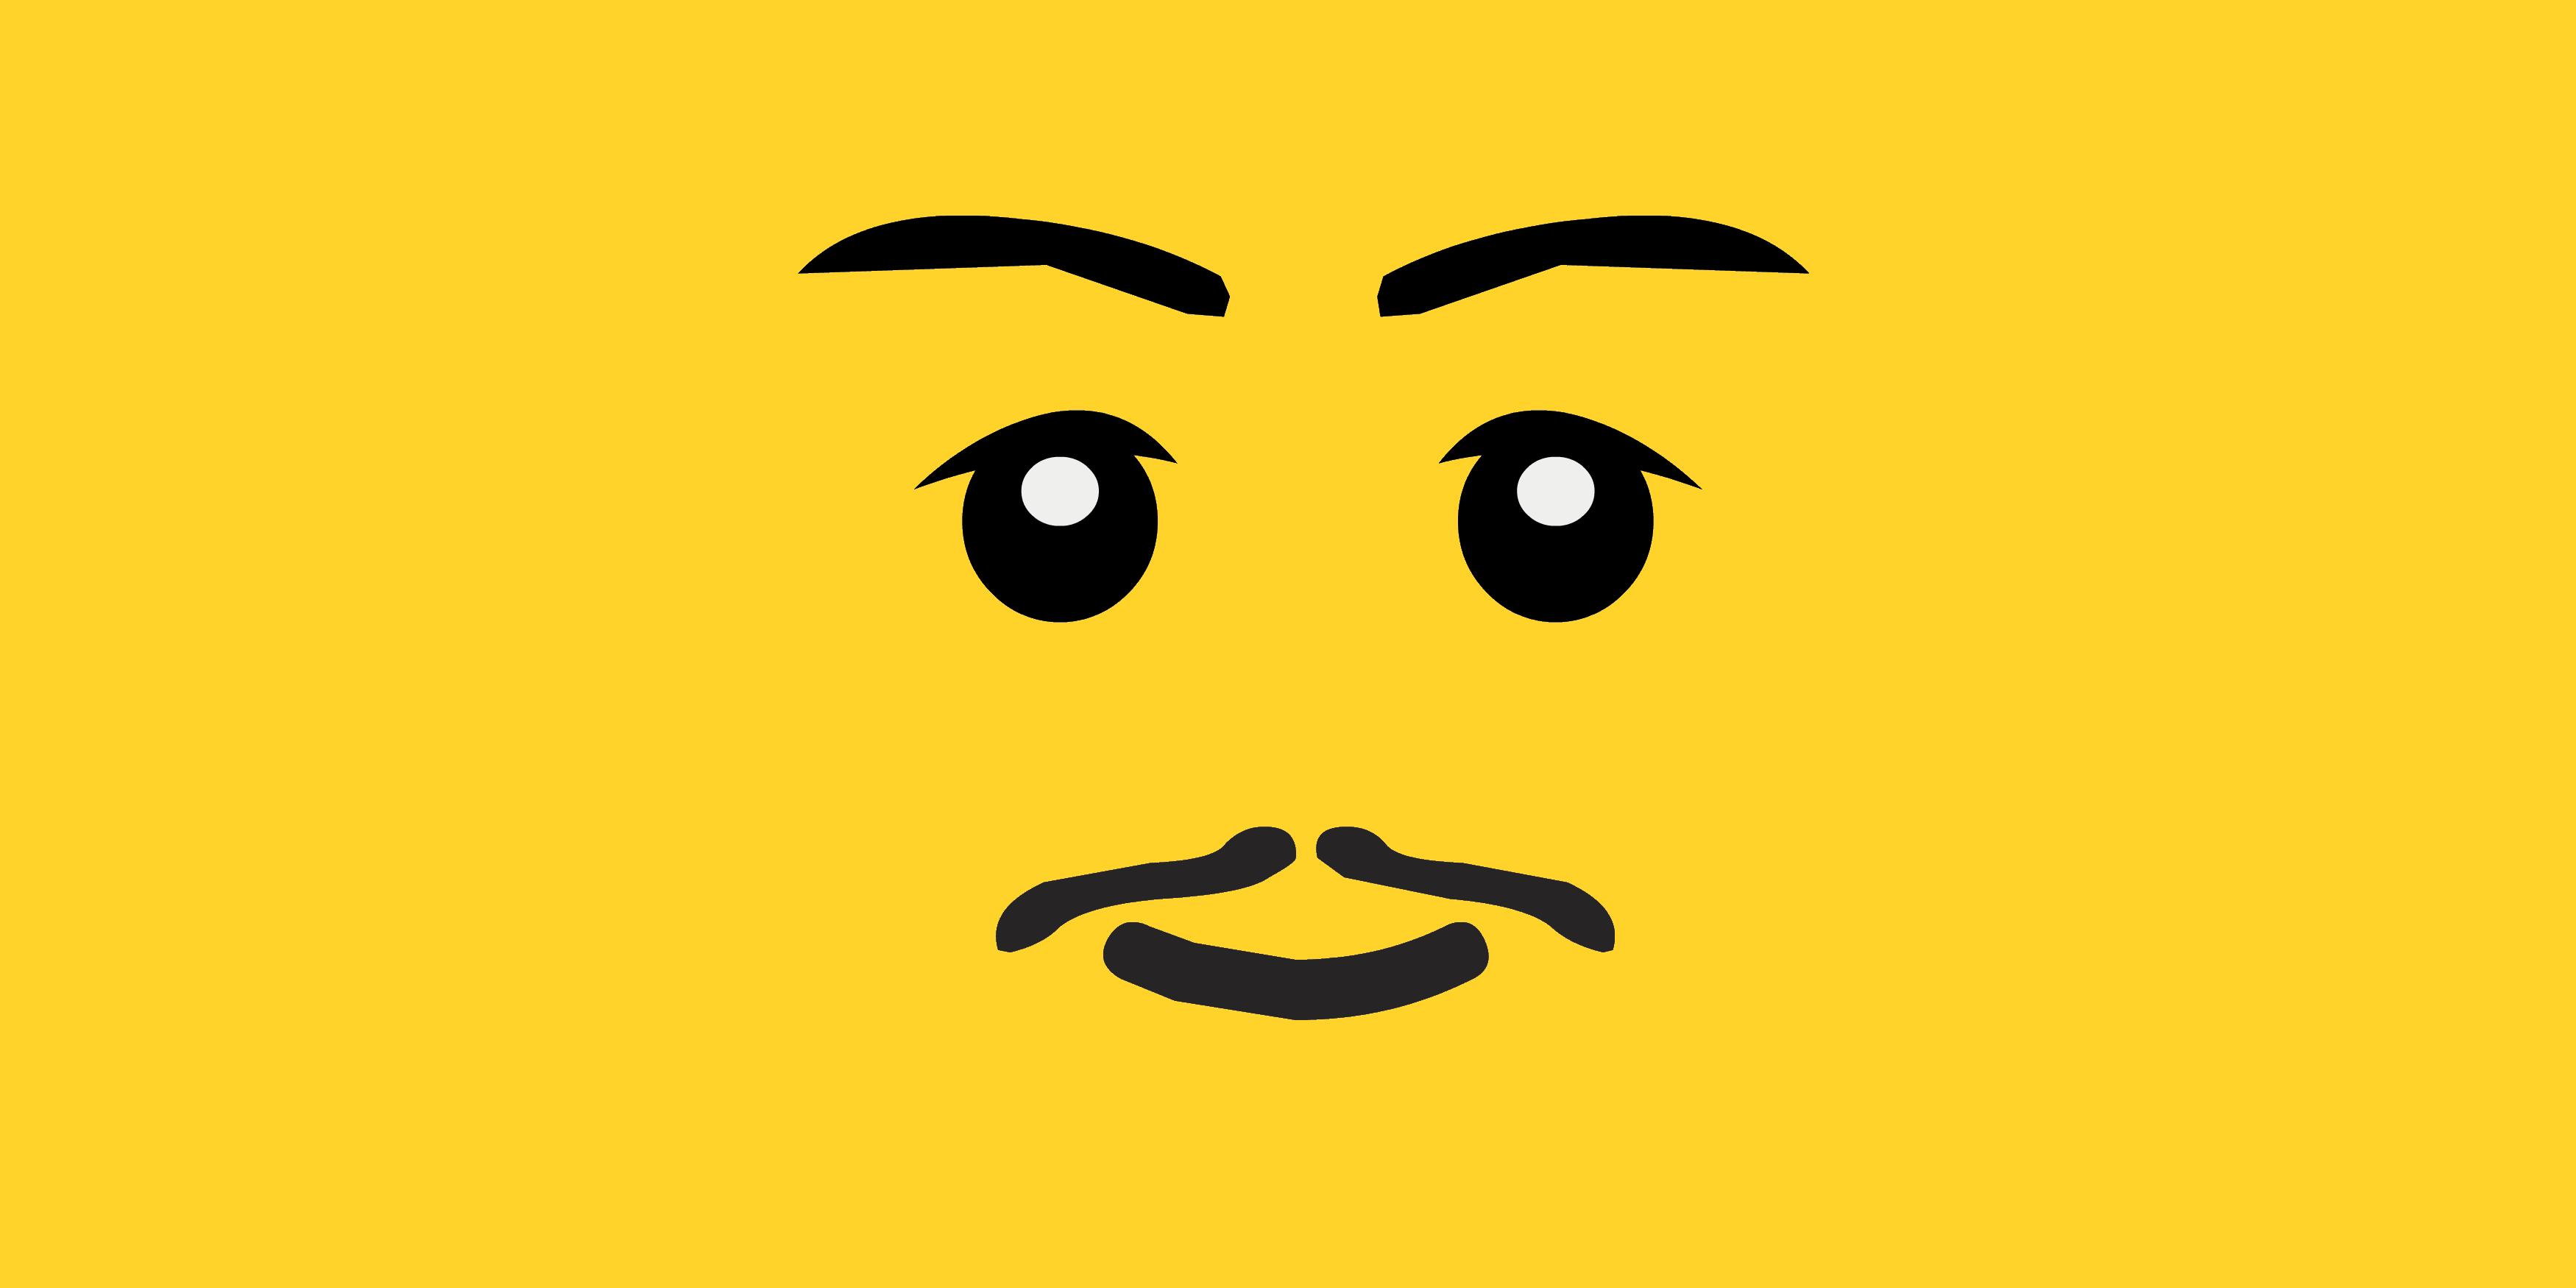 Faces Vector Files File:vector e Cramp Face.png